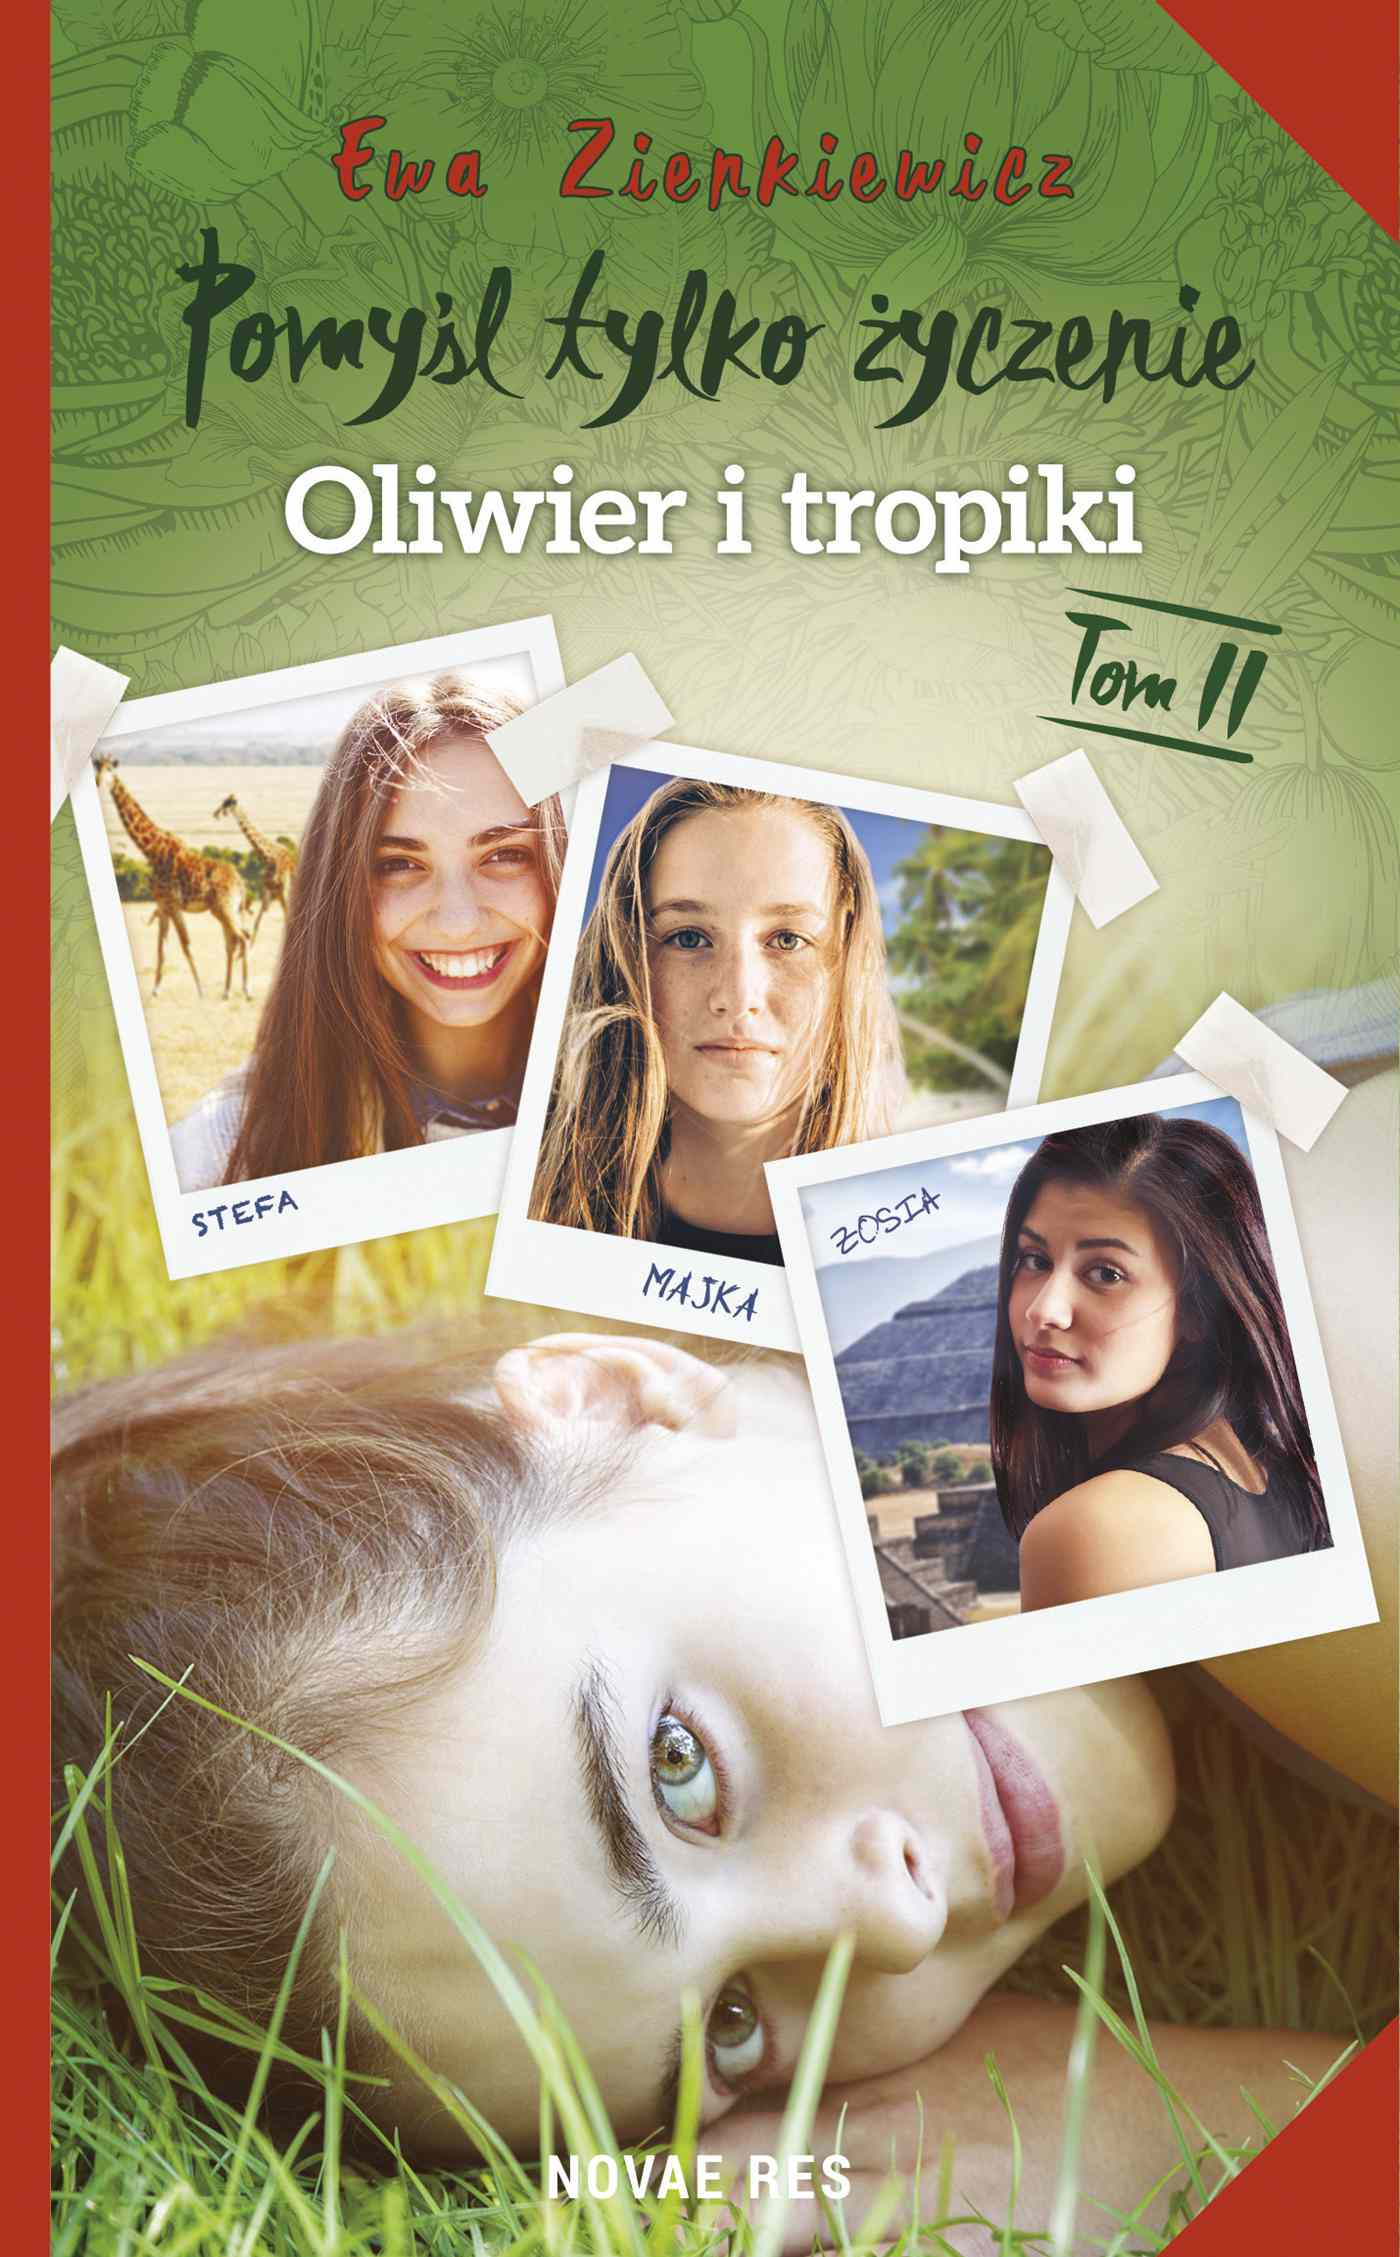 Pomyśl tylko życzenie. Tom II. Oliwier i tropiki - Ebook (Książka na Kindle) do pobrania w formacie MOBI